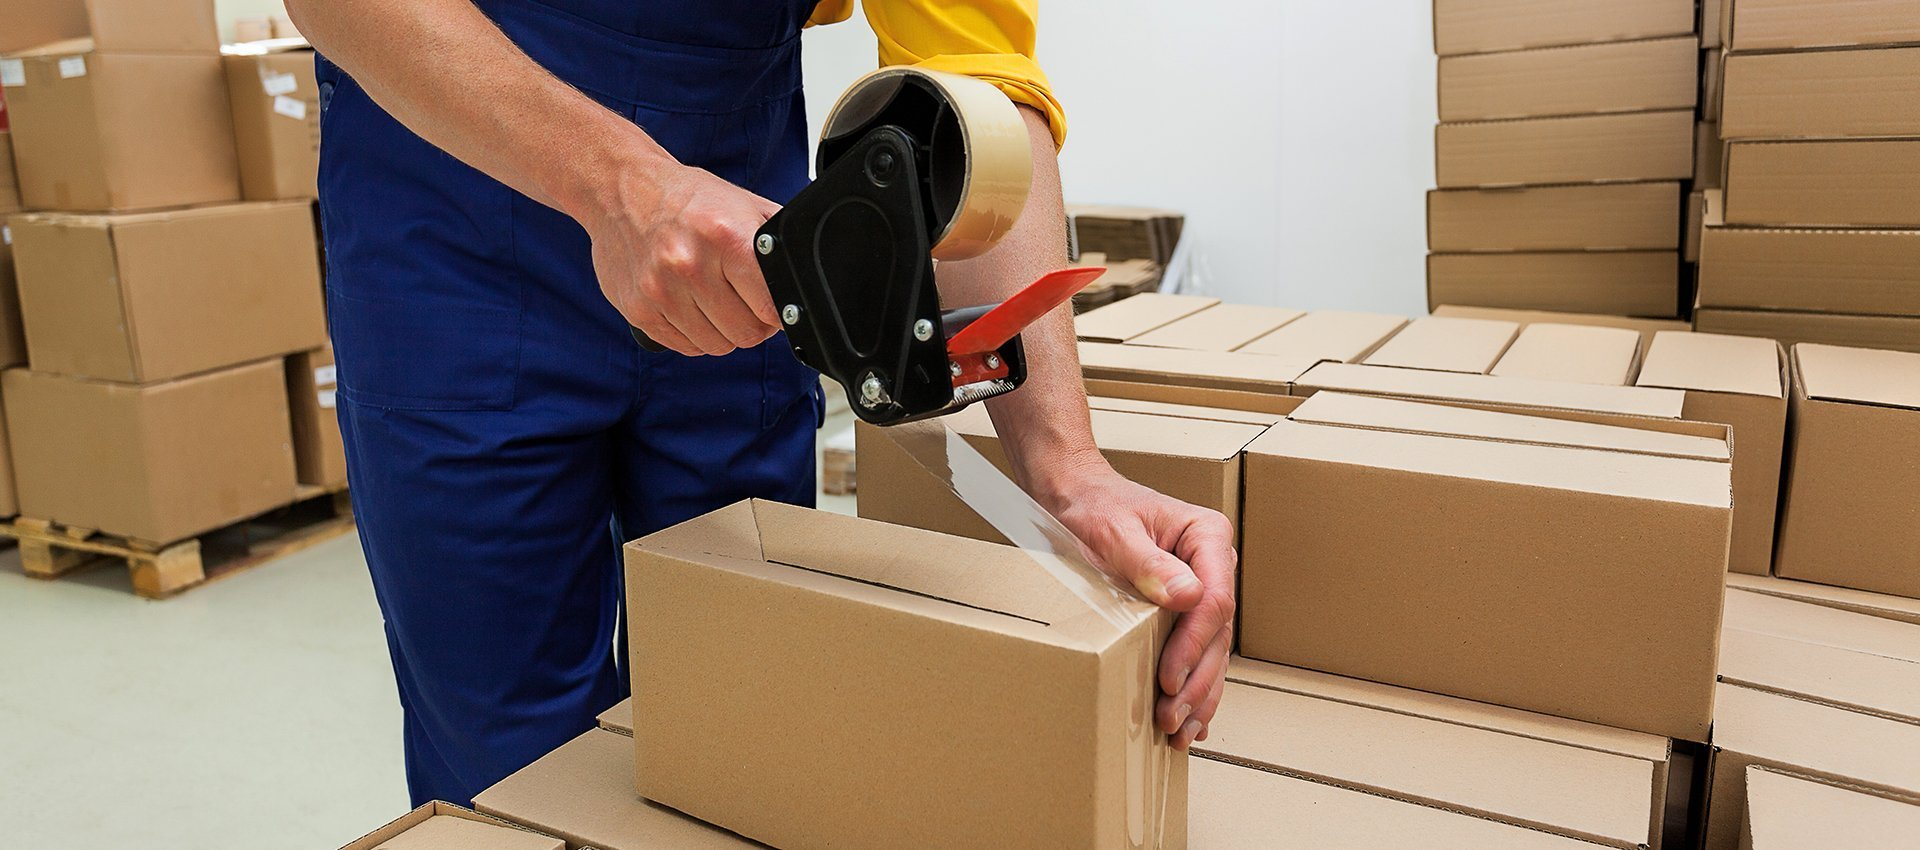 man sealing box